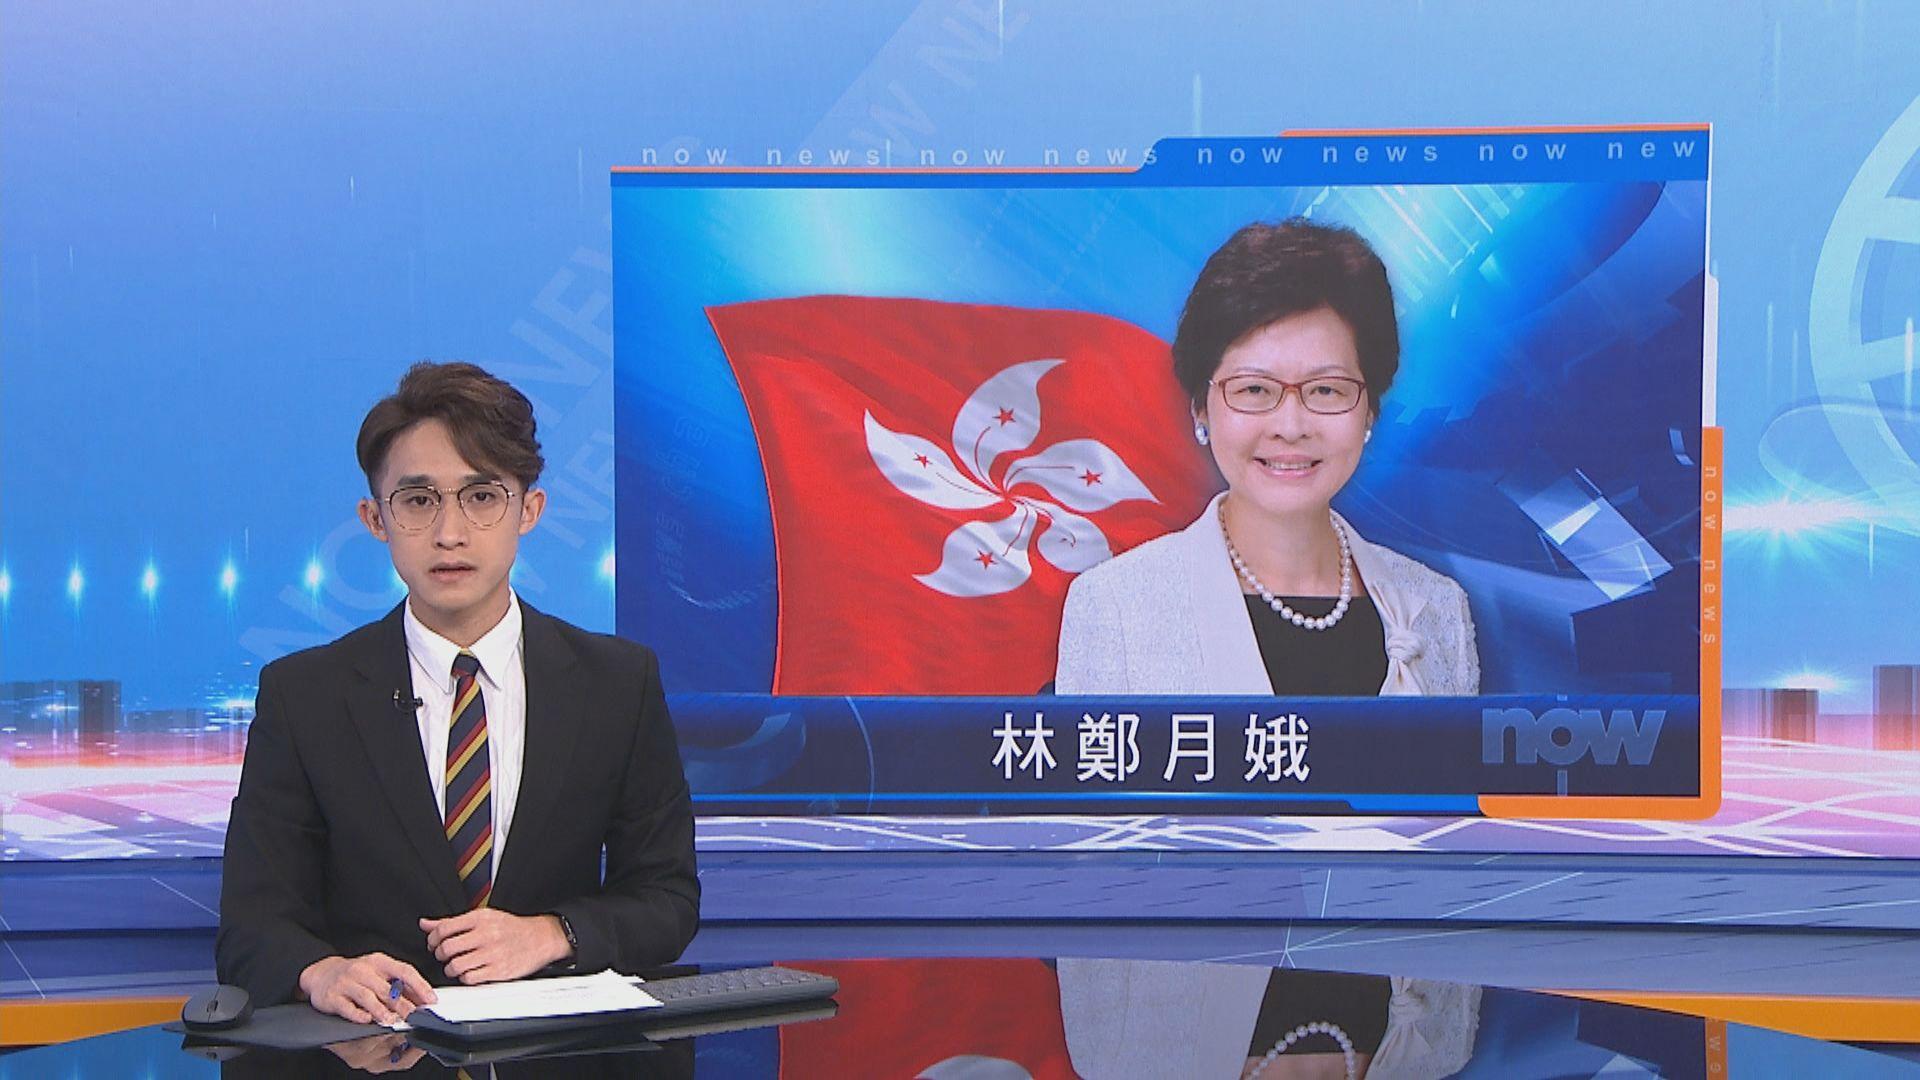 林鄭月娥中午晤傳媒 新任官員料一同出席